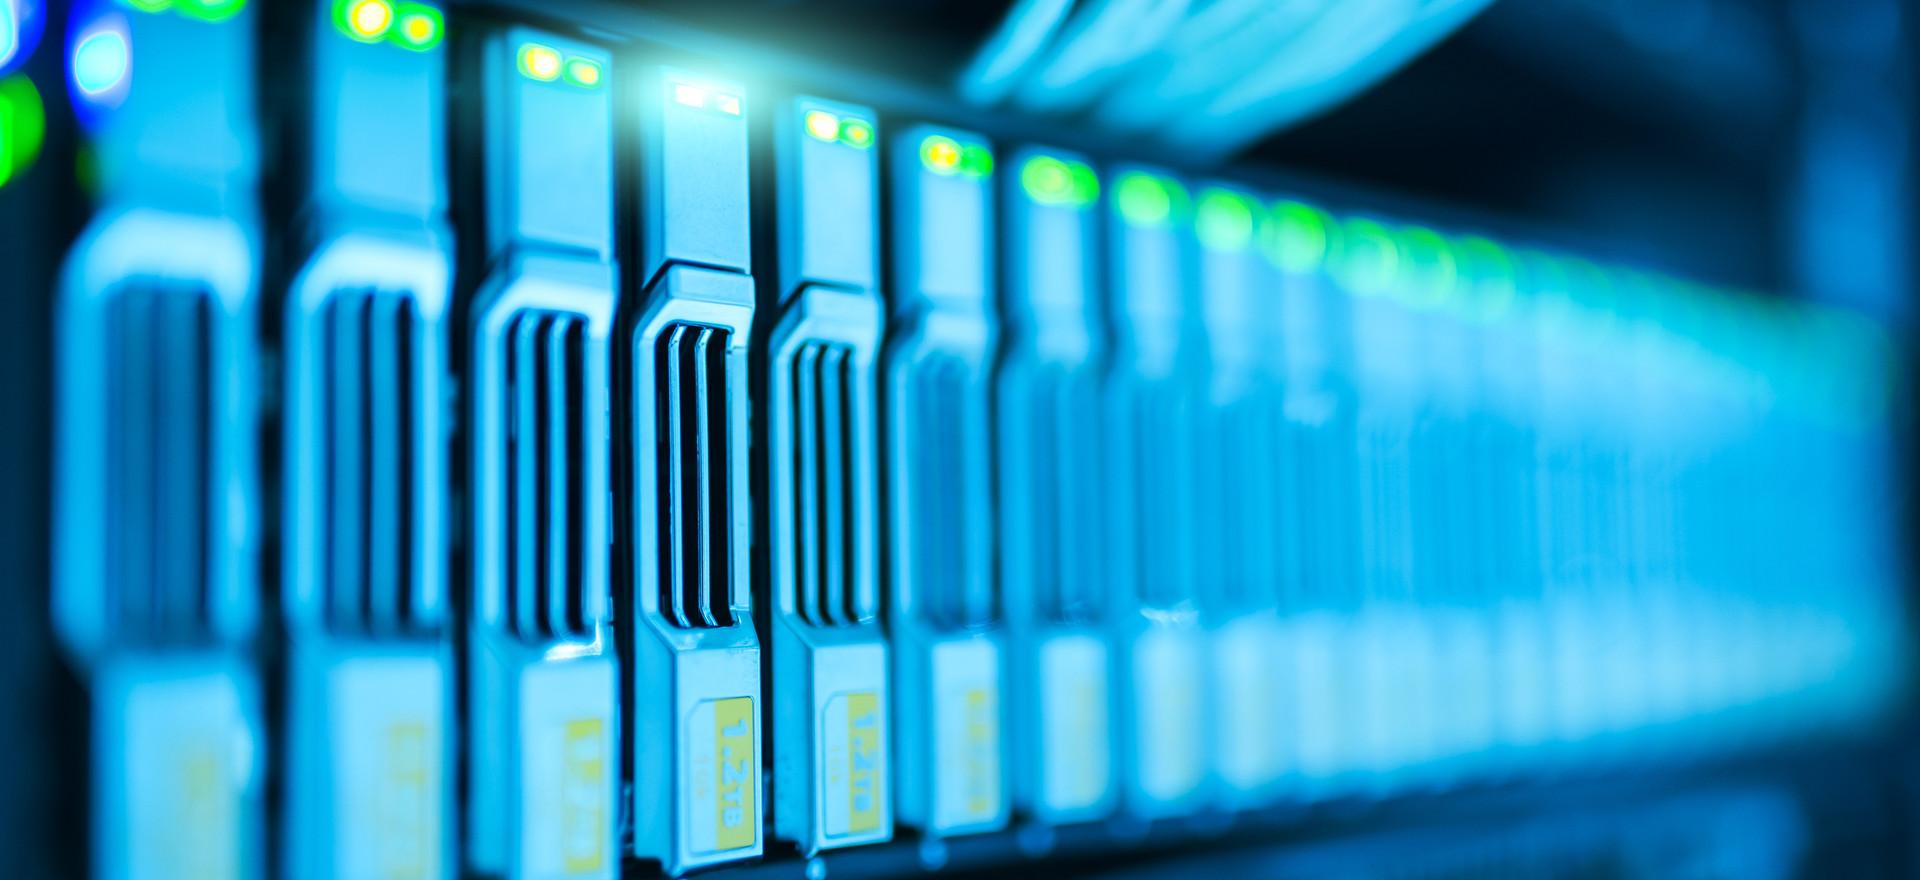 Almacenamiento y disponibilidad de la información de forma rápida y segura